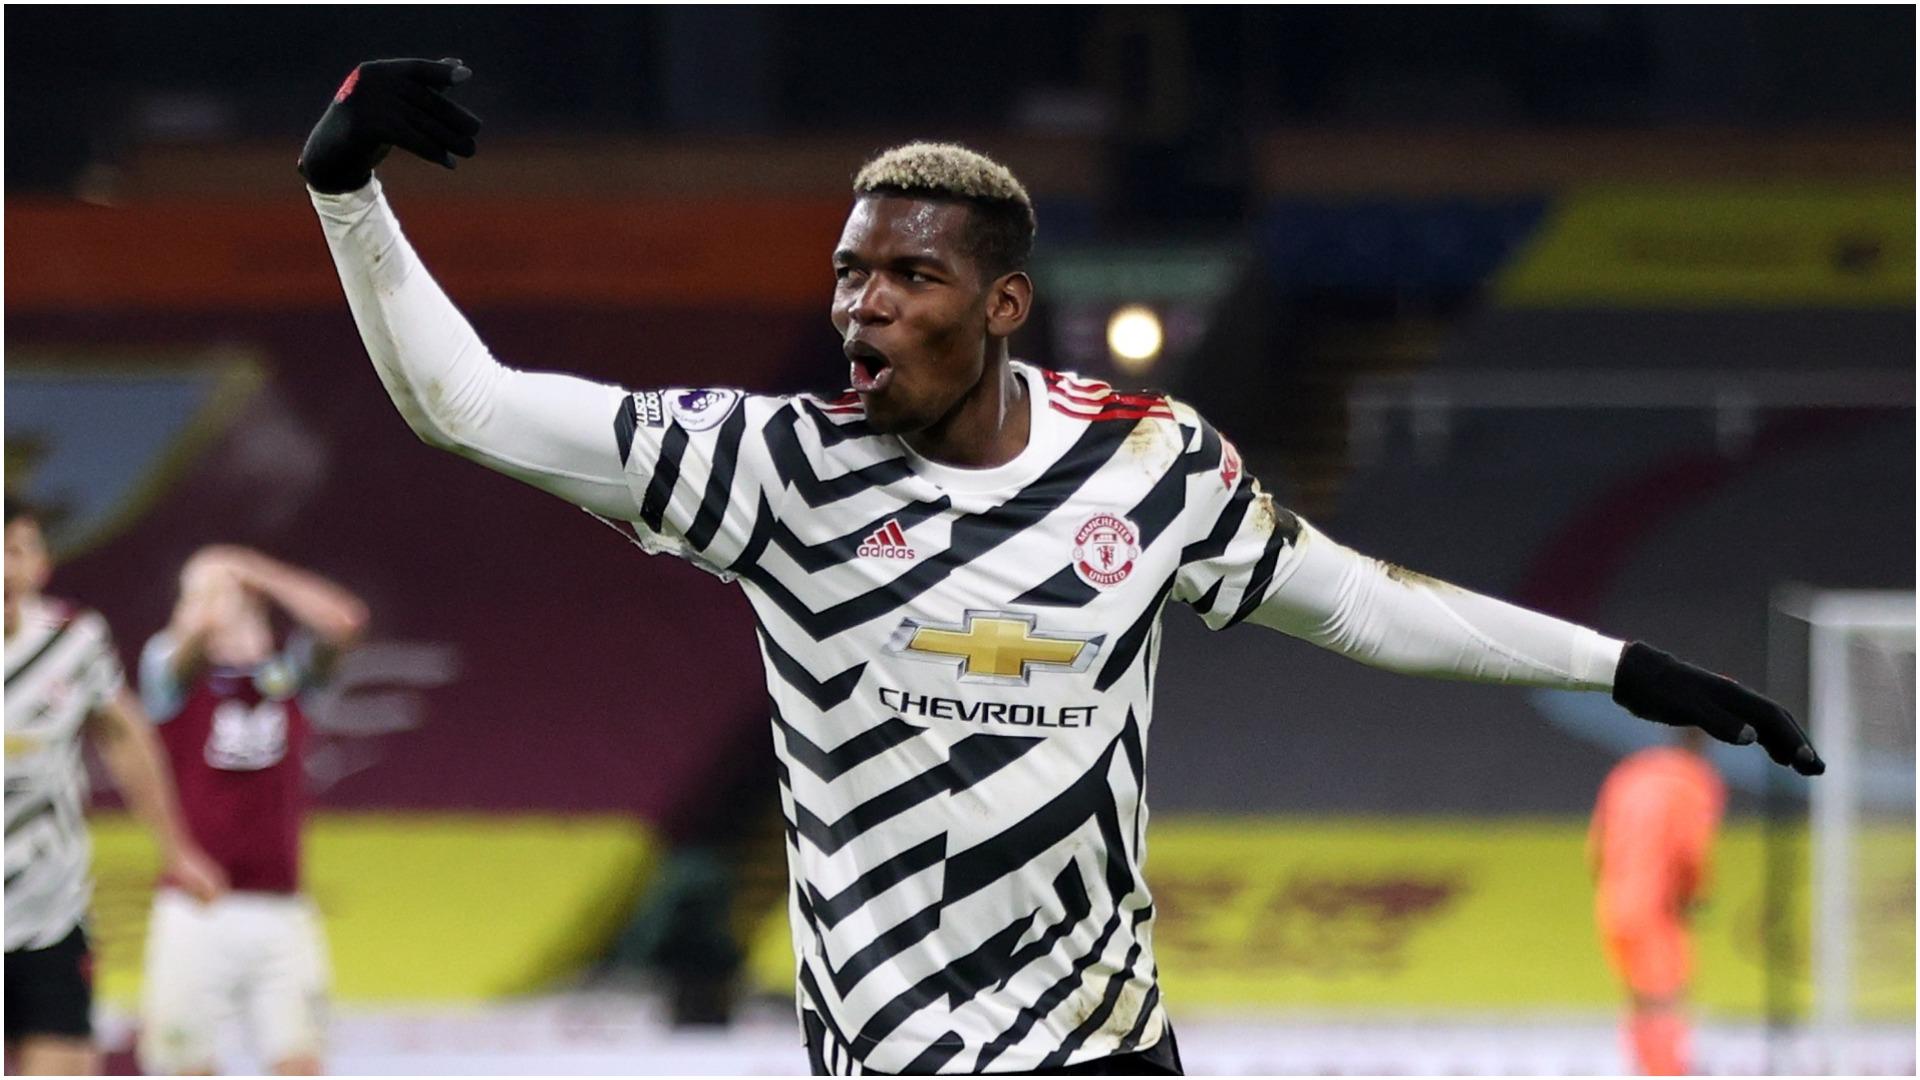 Burnley 0-1 Manchester United: Pogba winner puts Solskjaer's men top of Premier League